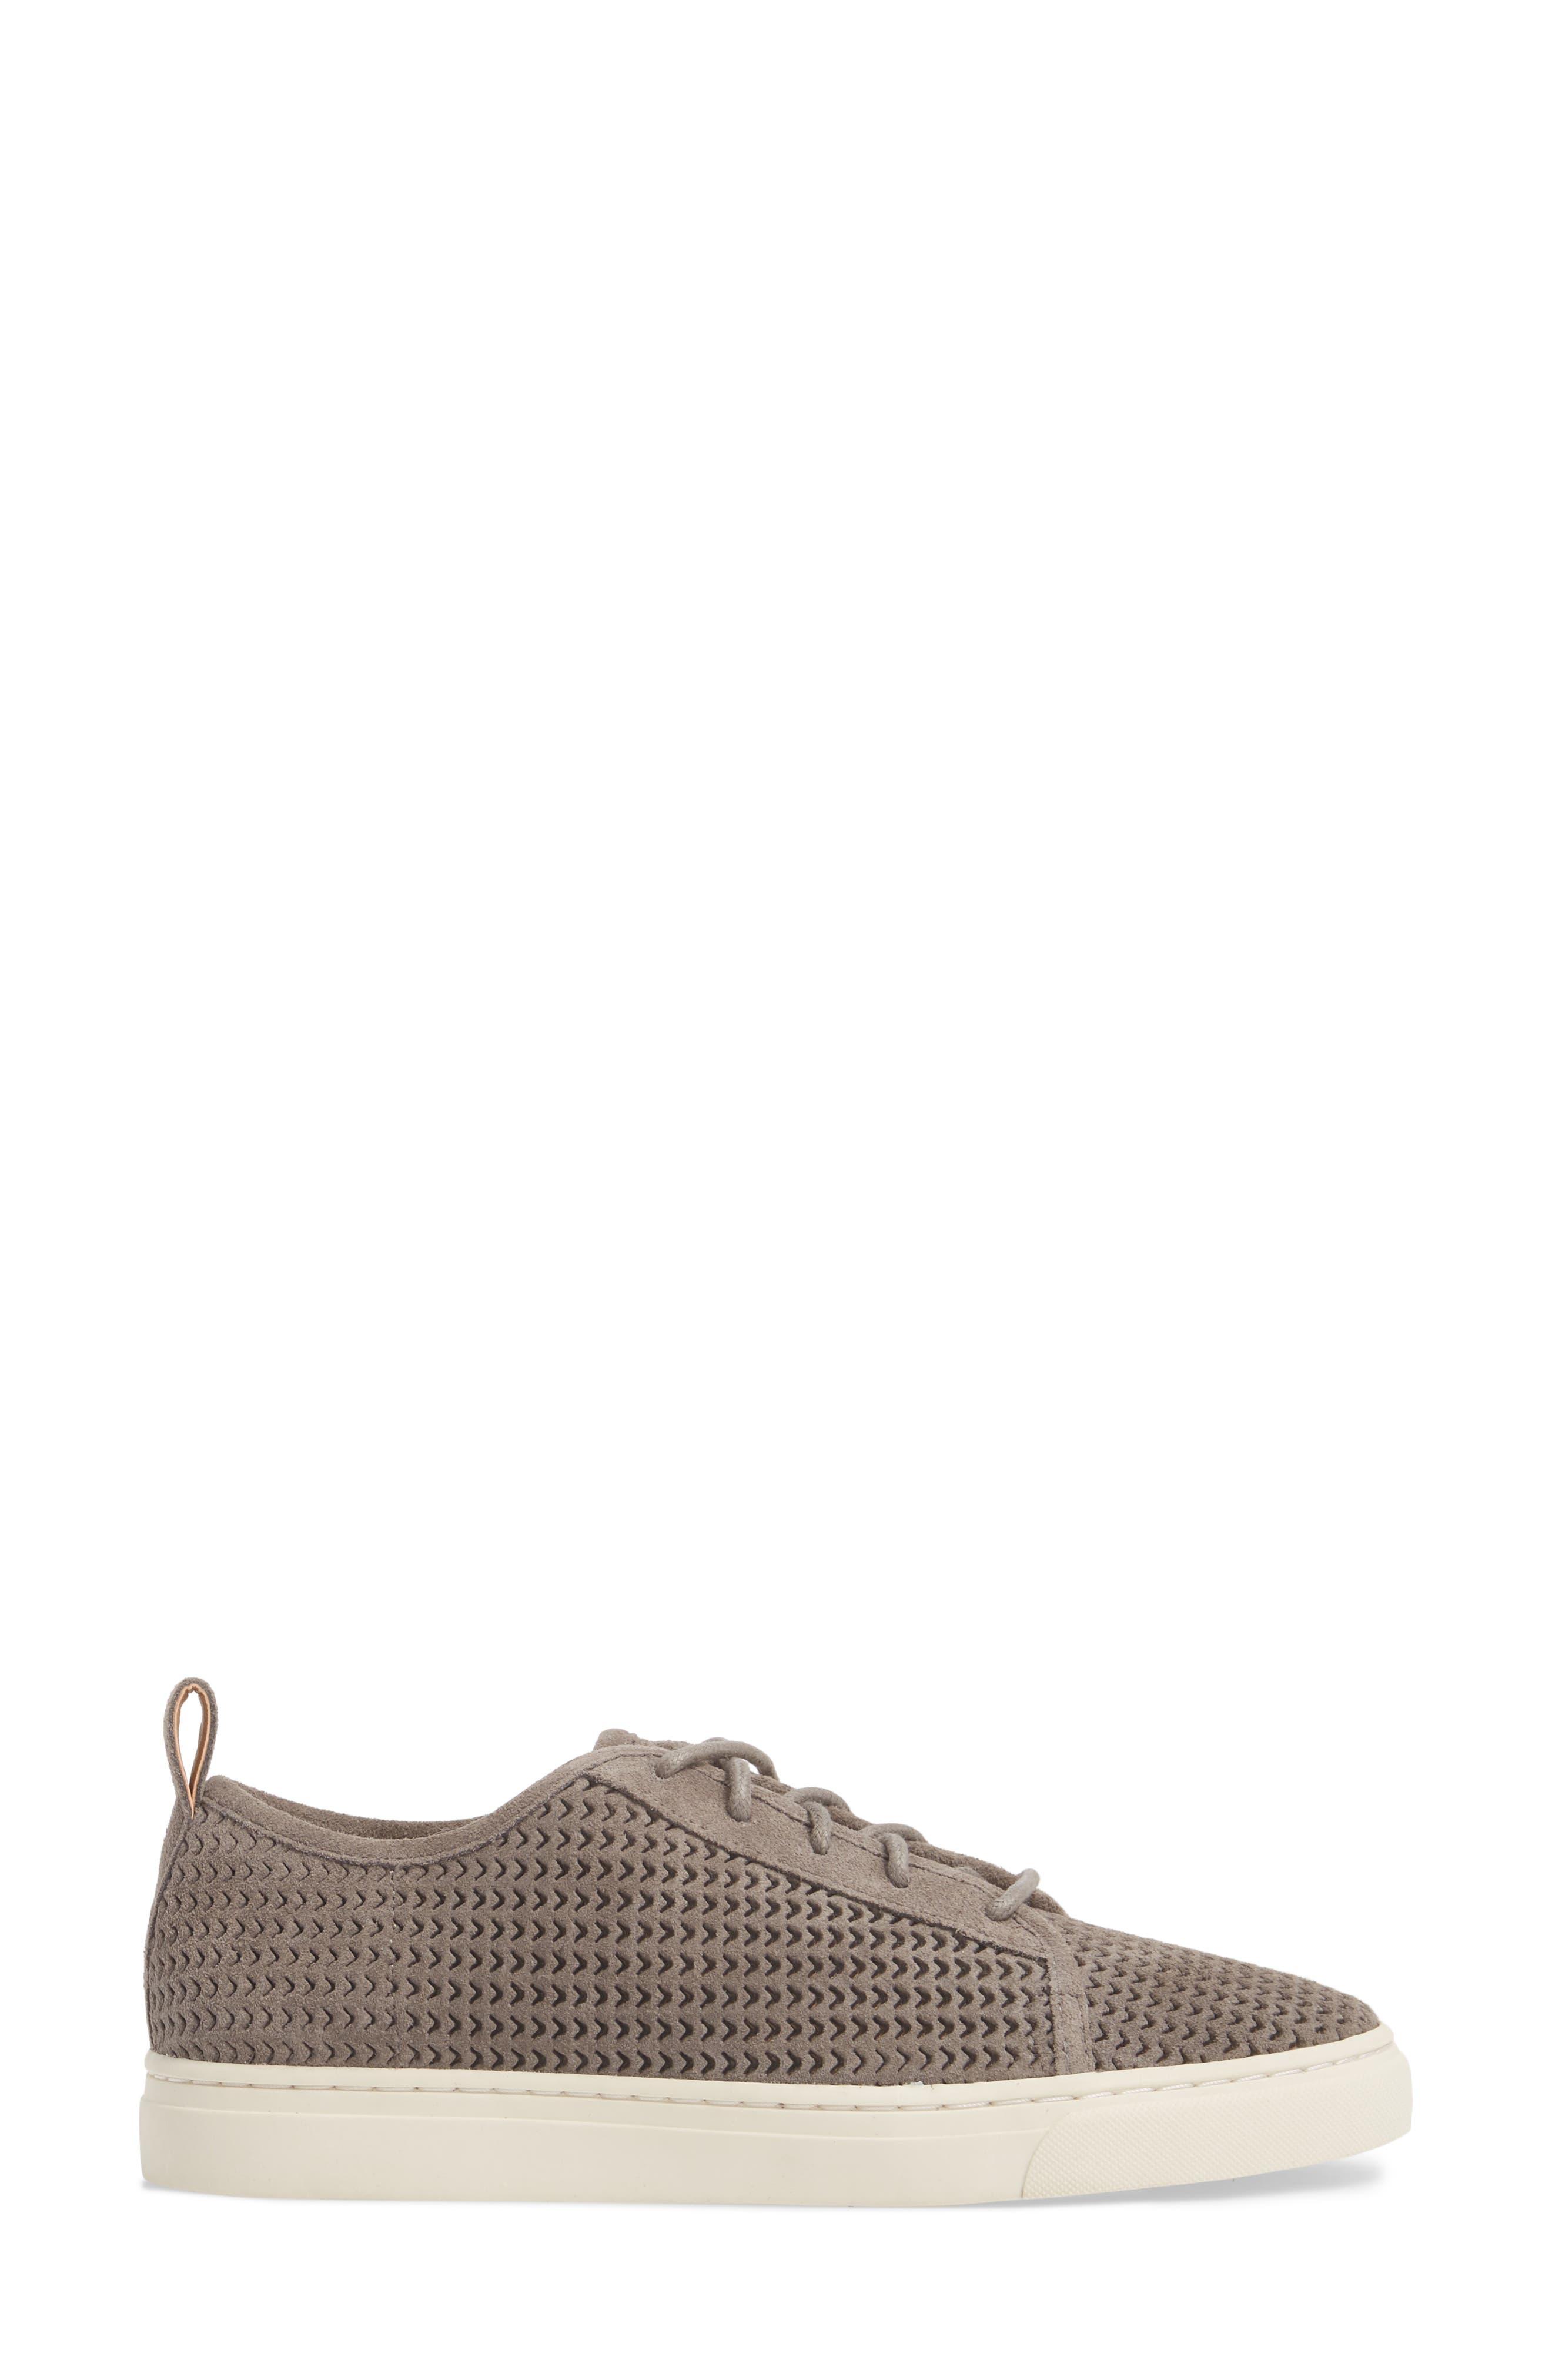 Lawove Sneaker,                             Alternate thumbnail 3, color,                             TITANIUM SUEDE